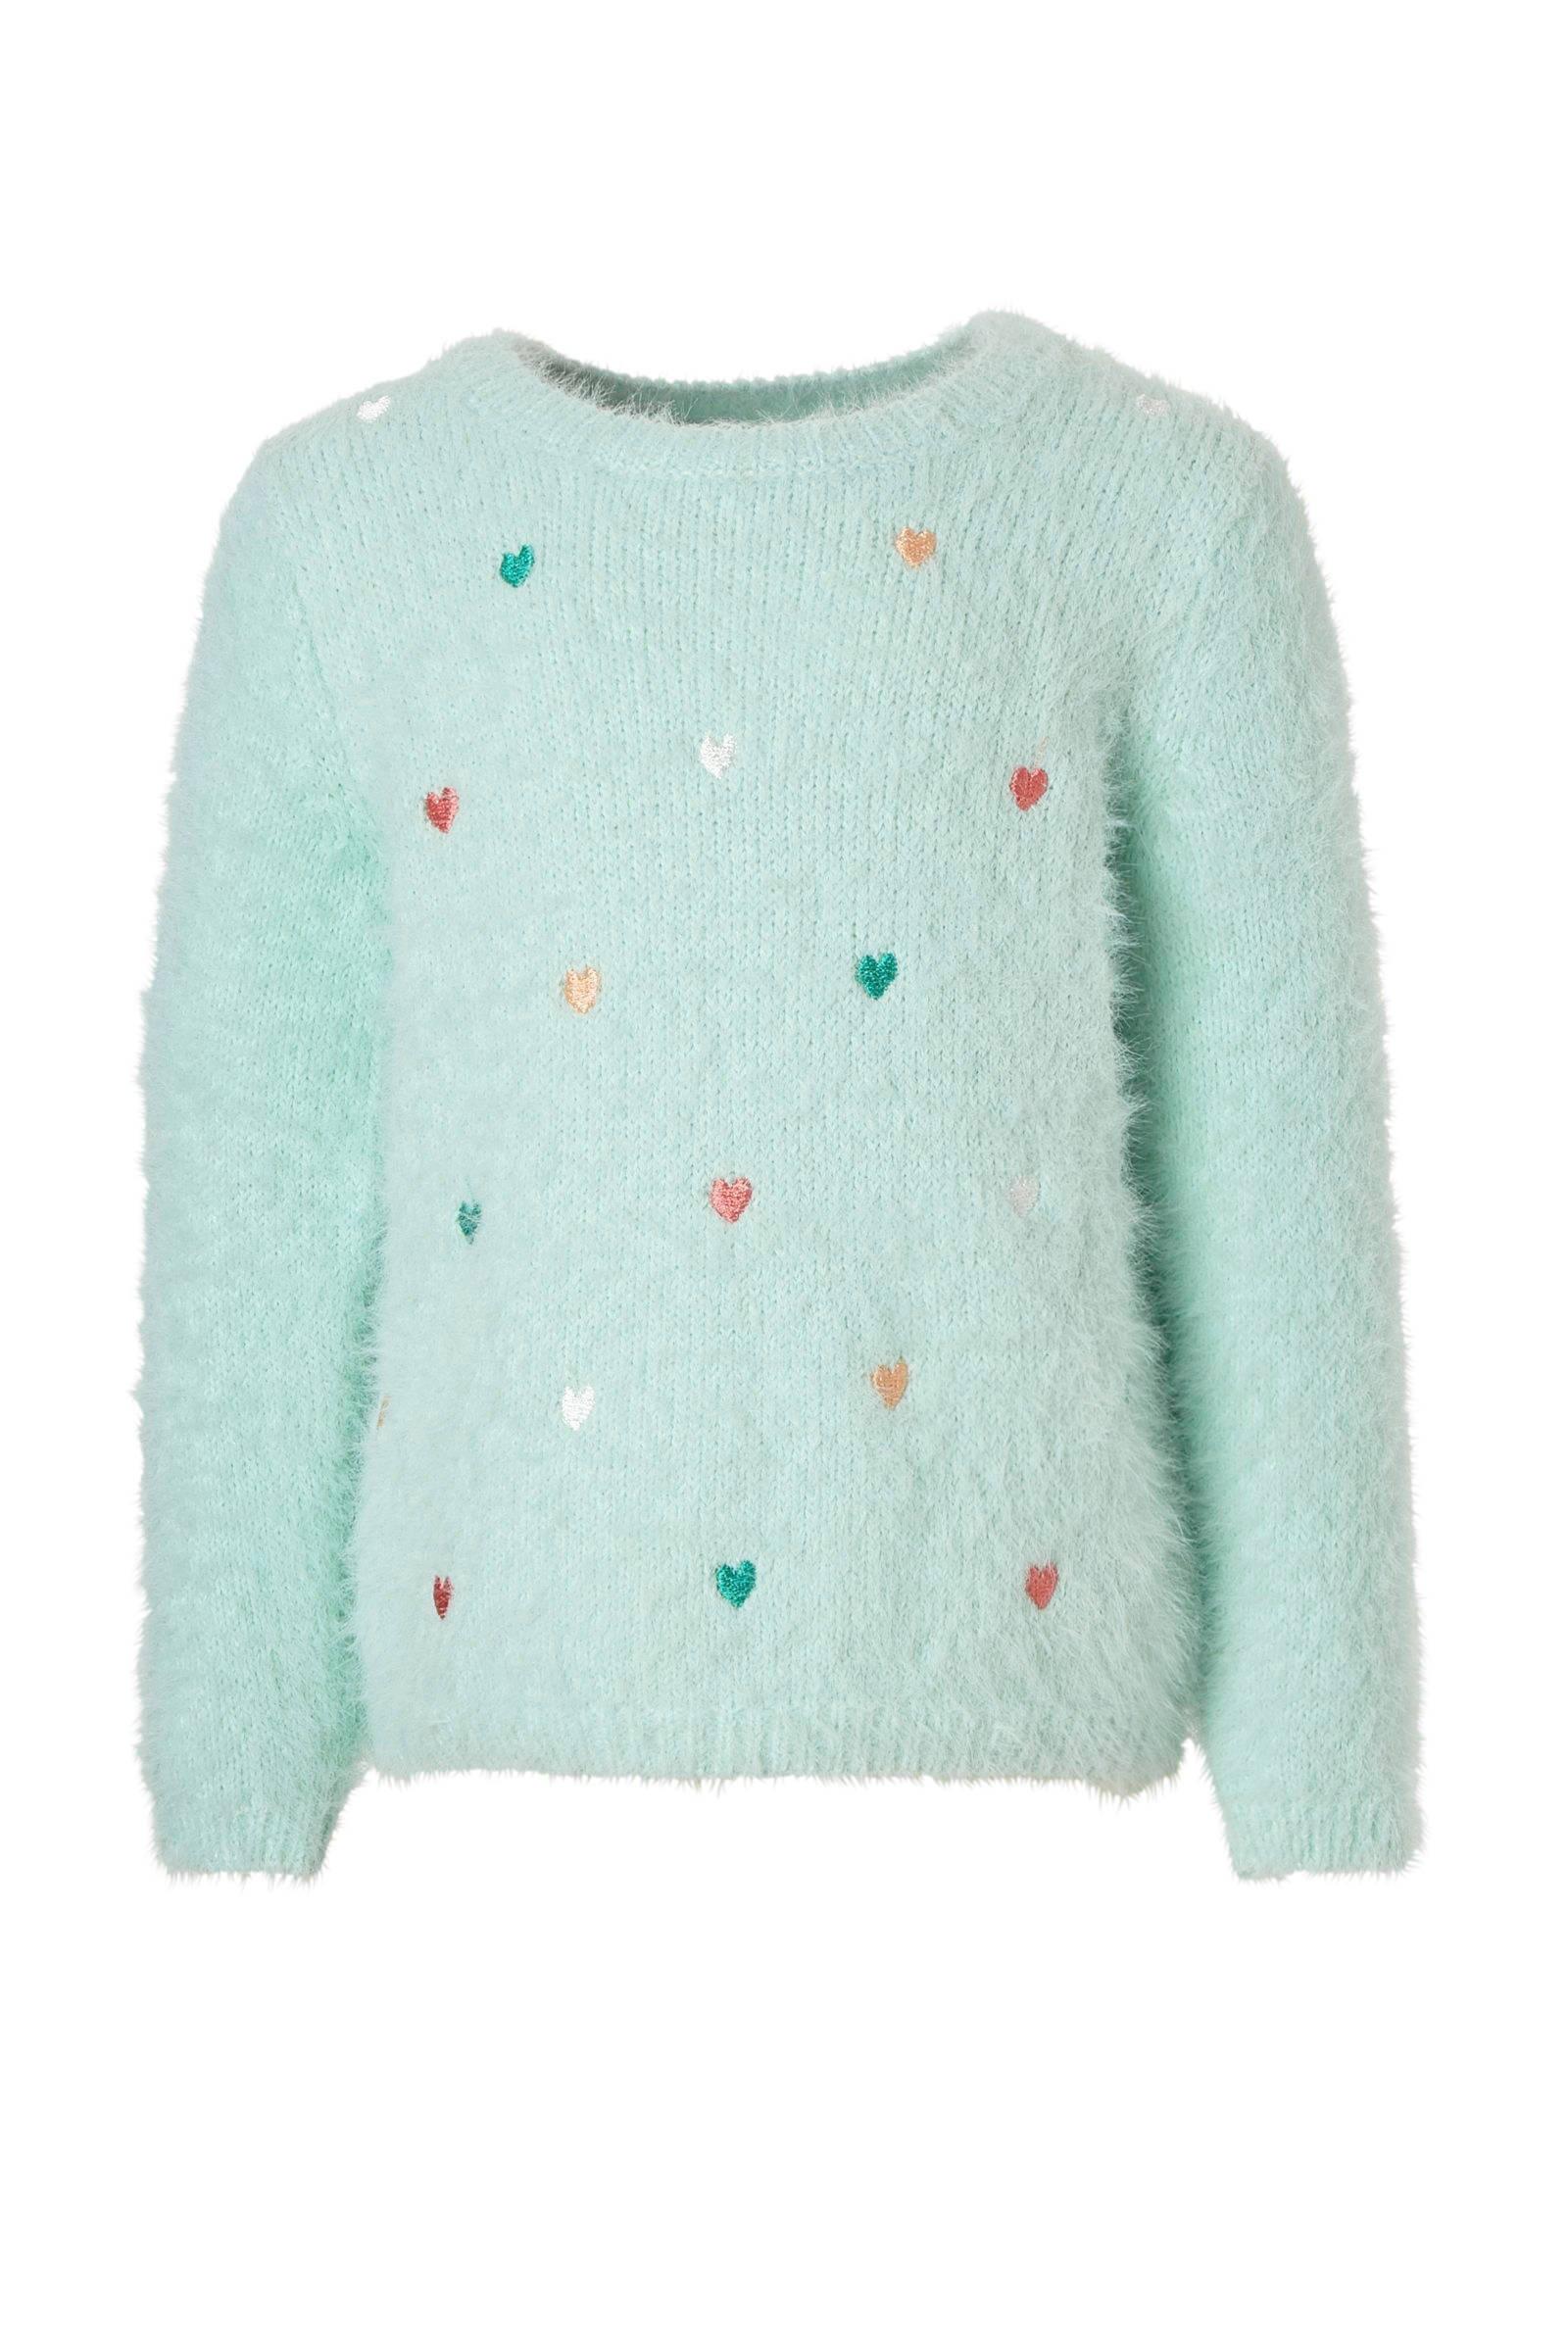 Hartjes truien kopen?   BESLIST.nl   Nieuwe collectie